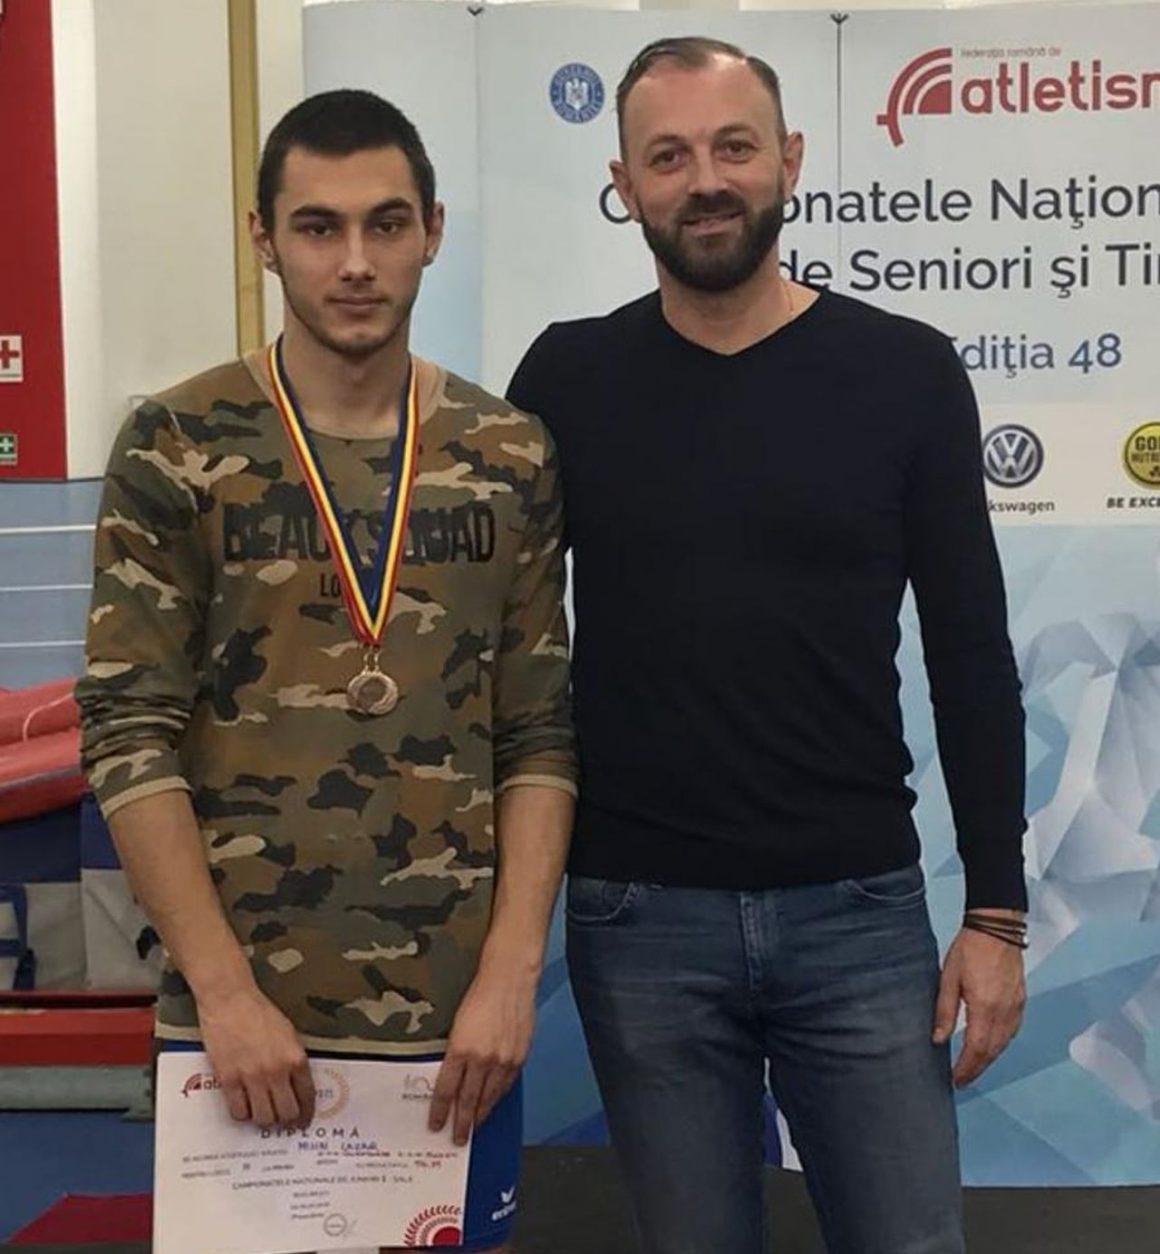 Atletul Mihai Lazăr, bronz la Concursului Naţional de probe neclasice şi Ştafete!